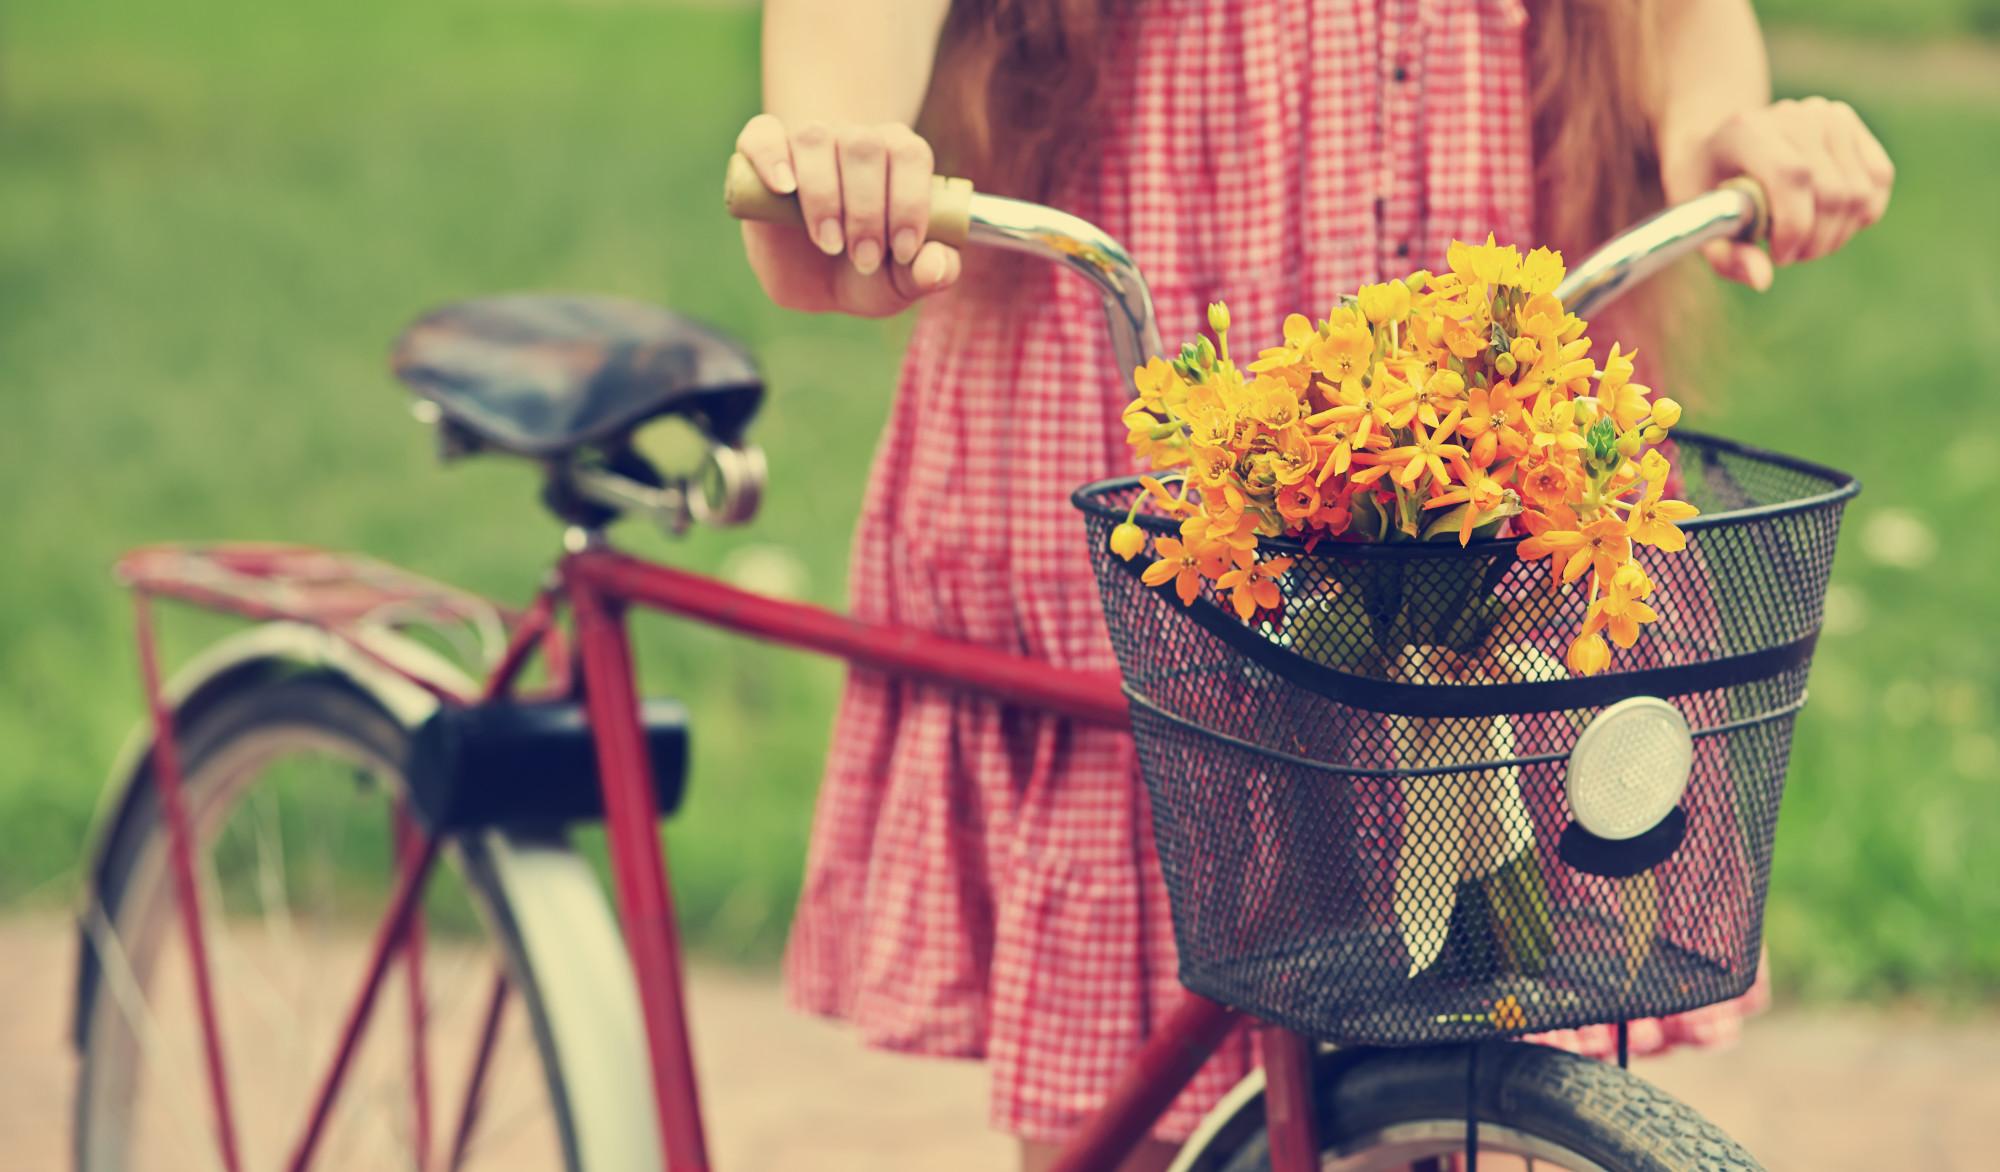 Cum să transporți flori în stare perfectă – 5 sfaturi utile